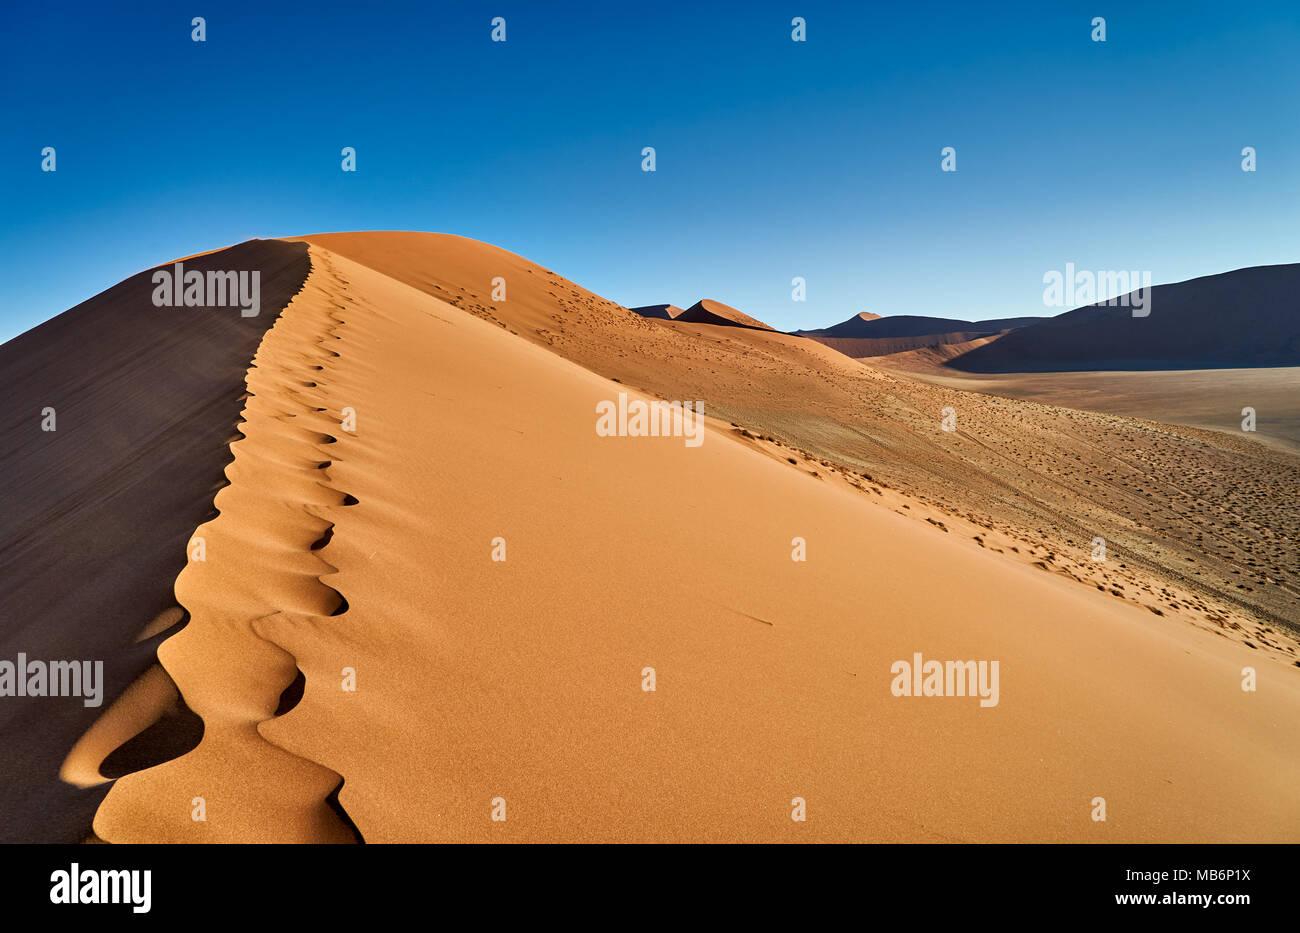 dune 45, desert landscape of Namib - Stock Image